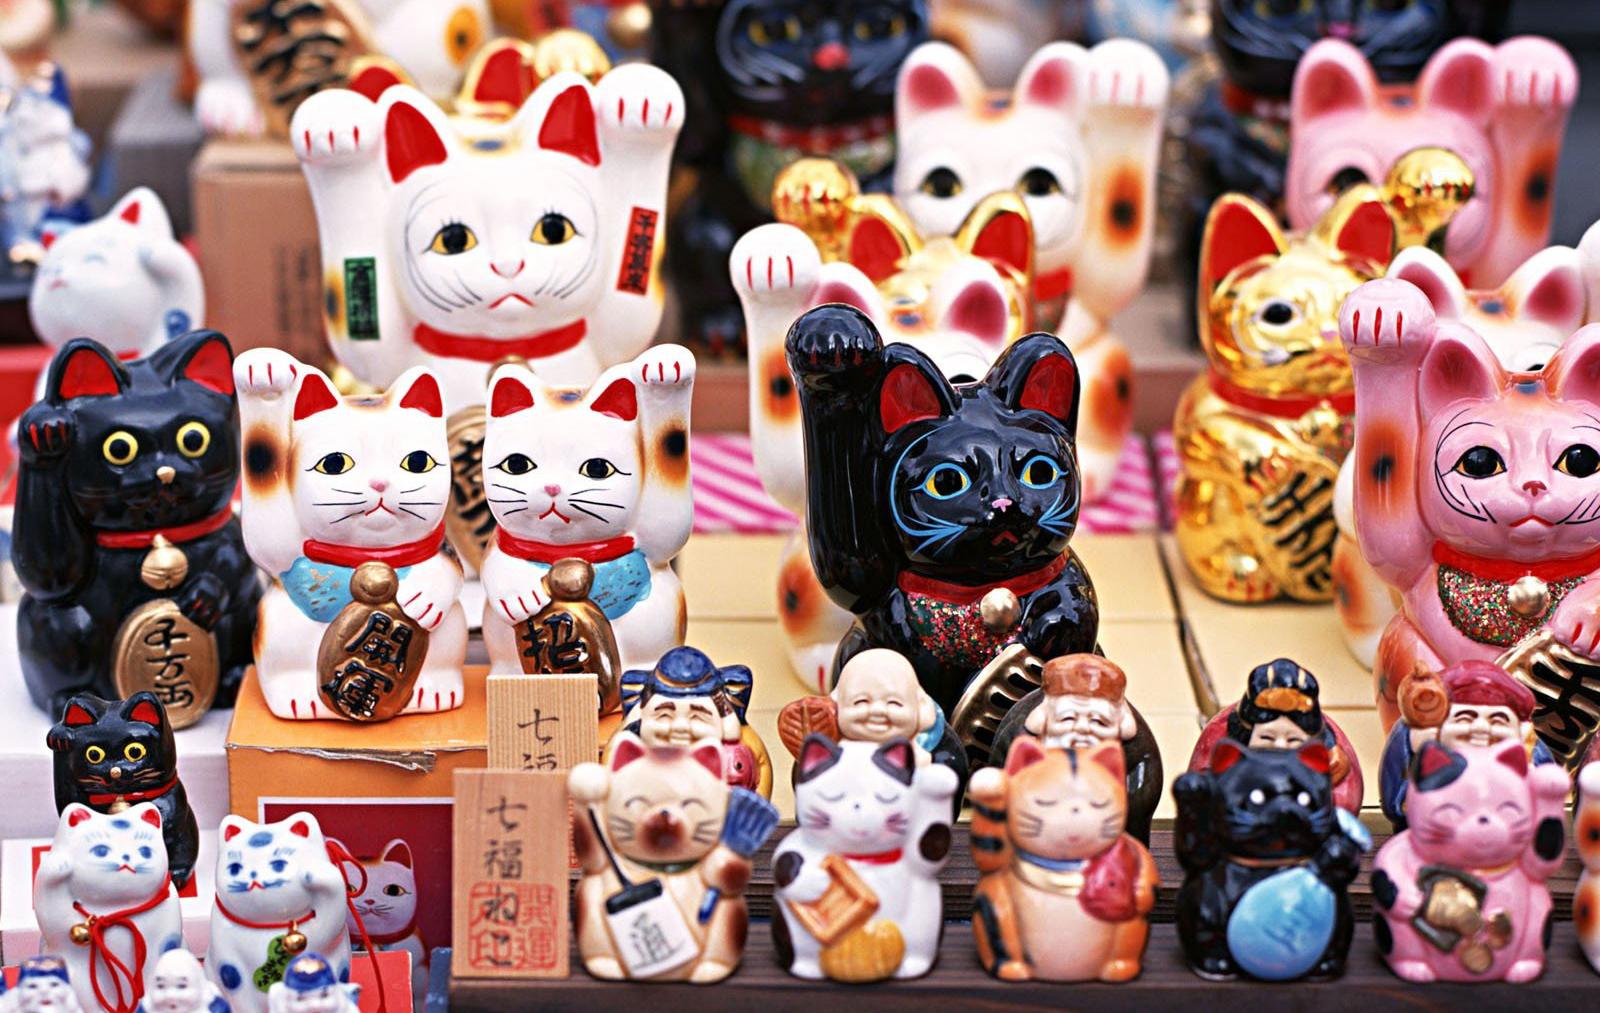 Du lịch Nhật Bản mua gì làm quà?